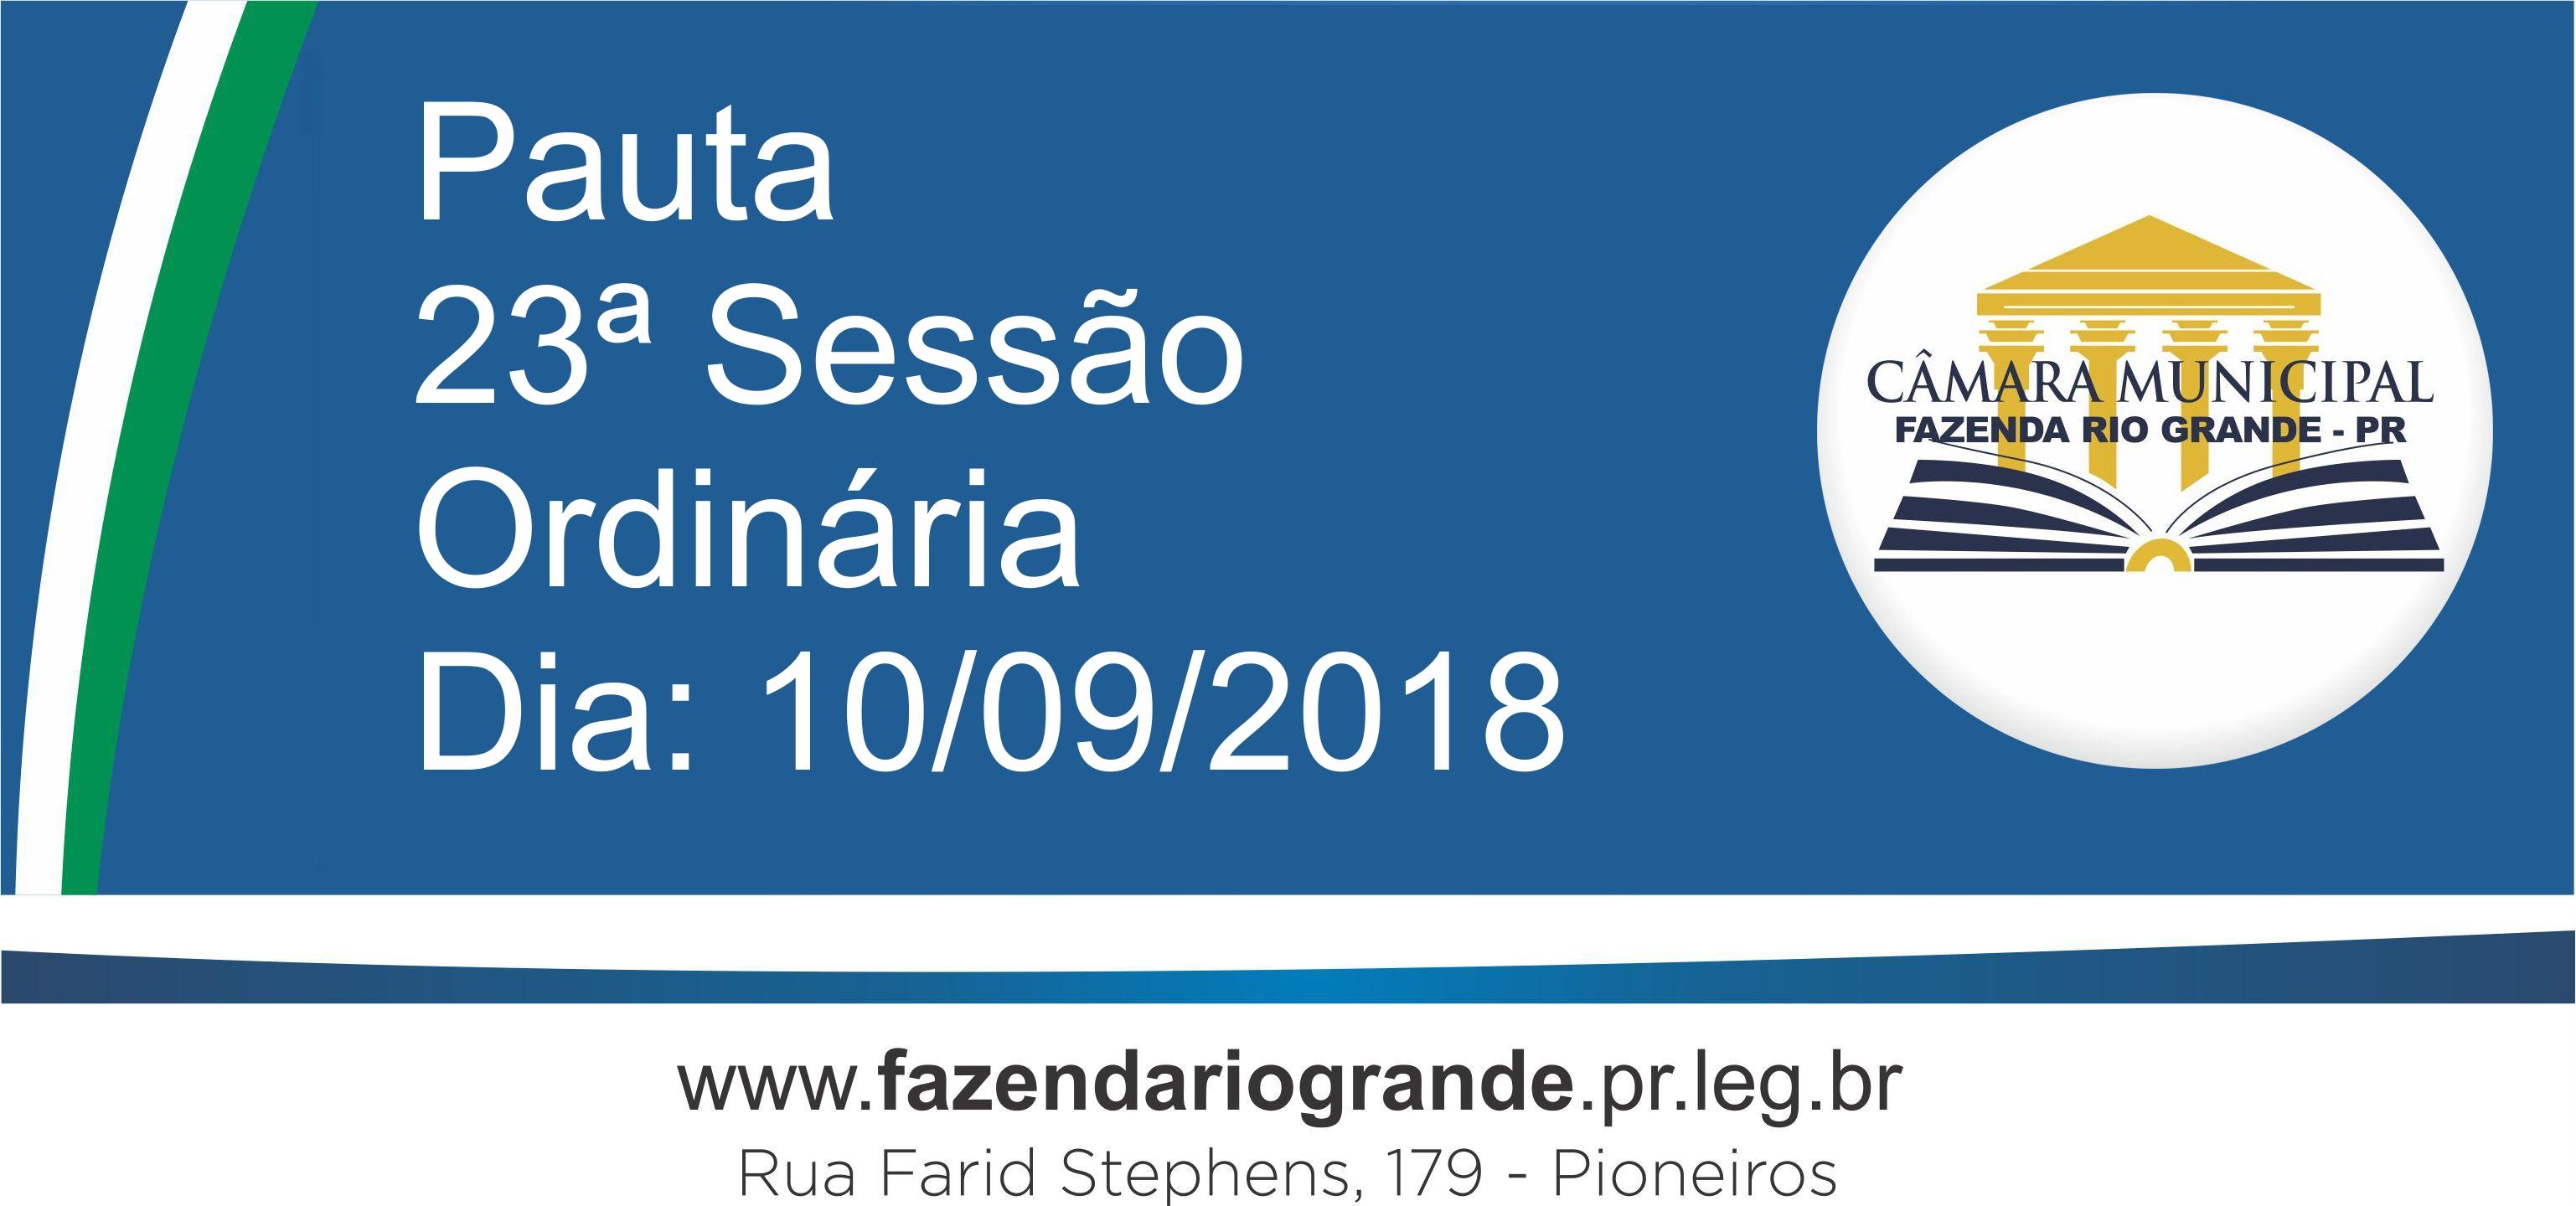 Pauta da 23ª Sessão Ordinária 10/09/2018